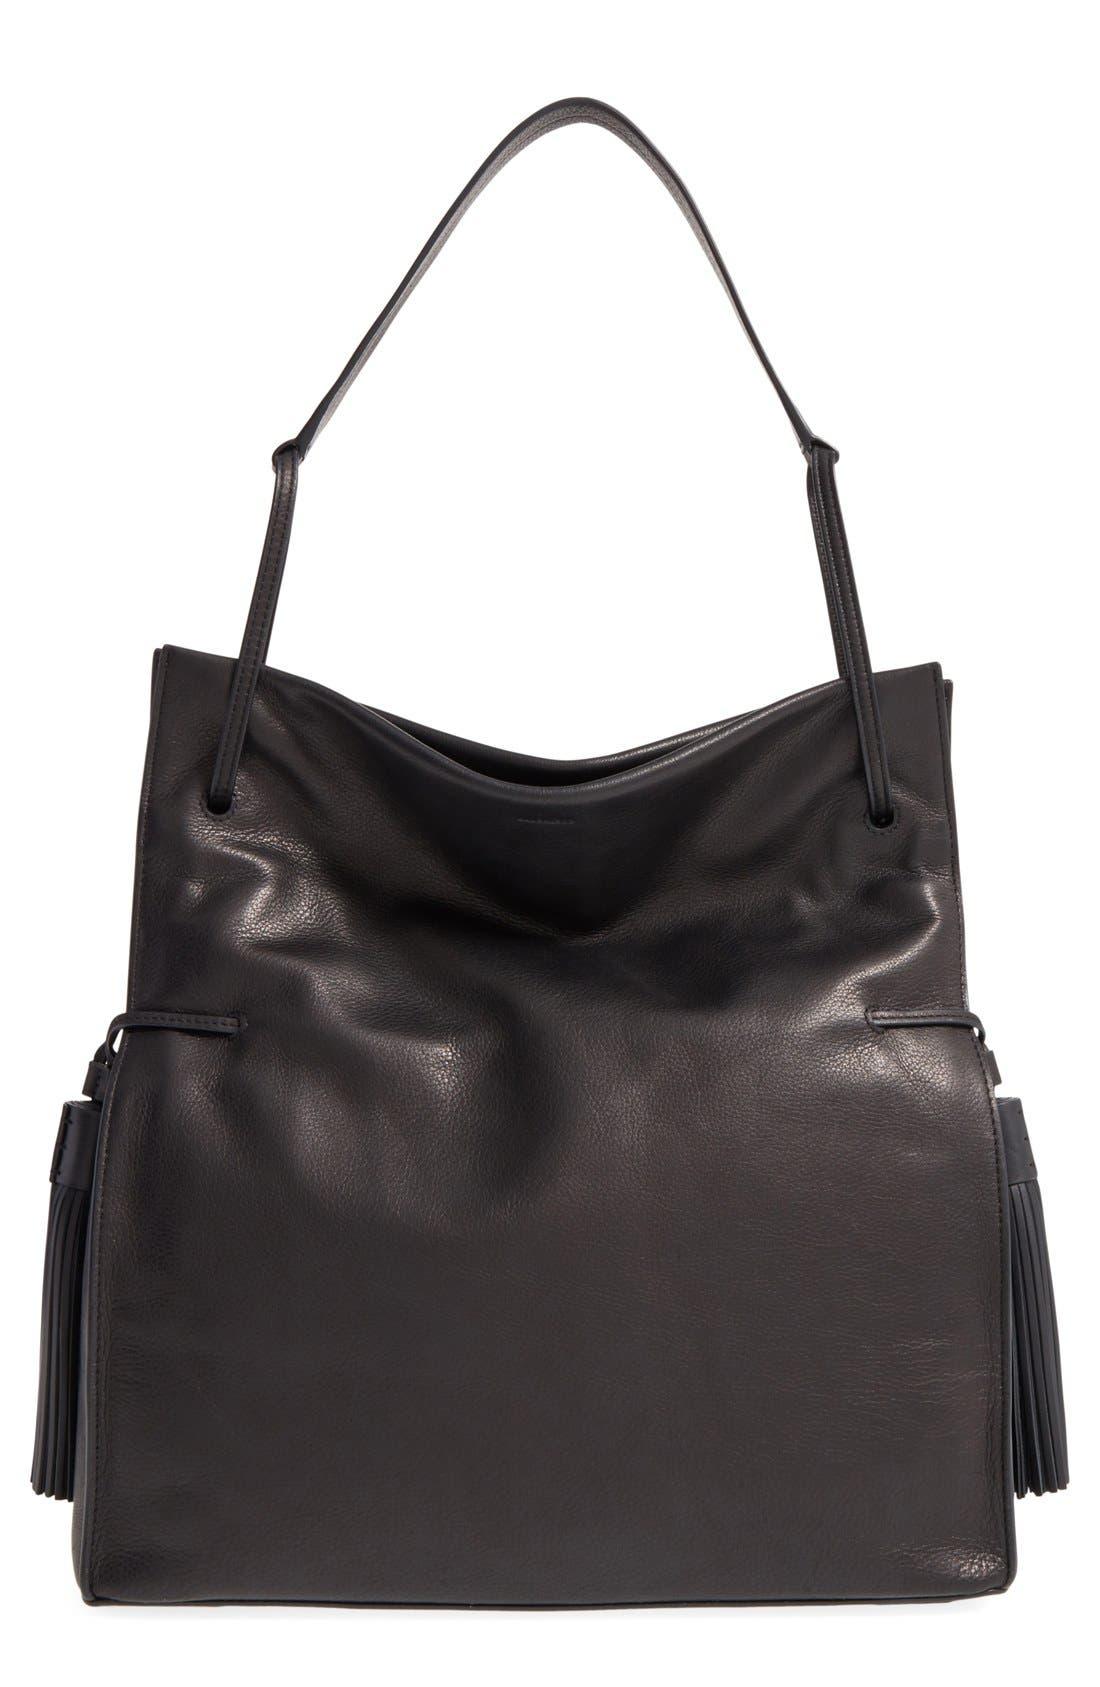 Alternate Image 1 Selected - ALLSAINTS 'Freedom' Tassel Leather Hobo